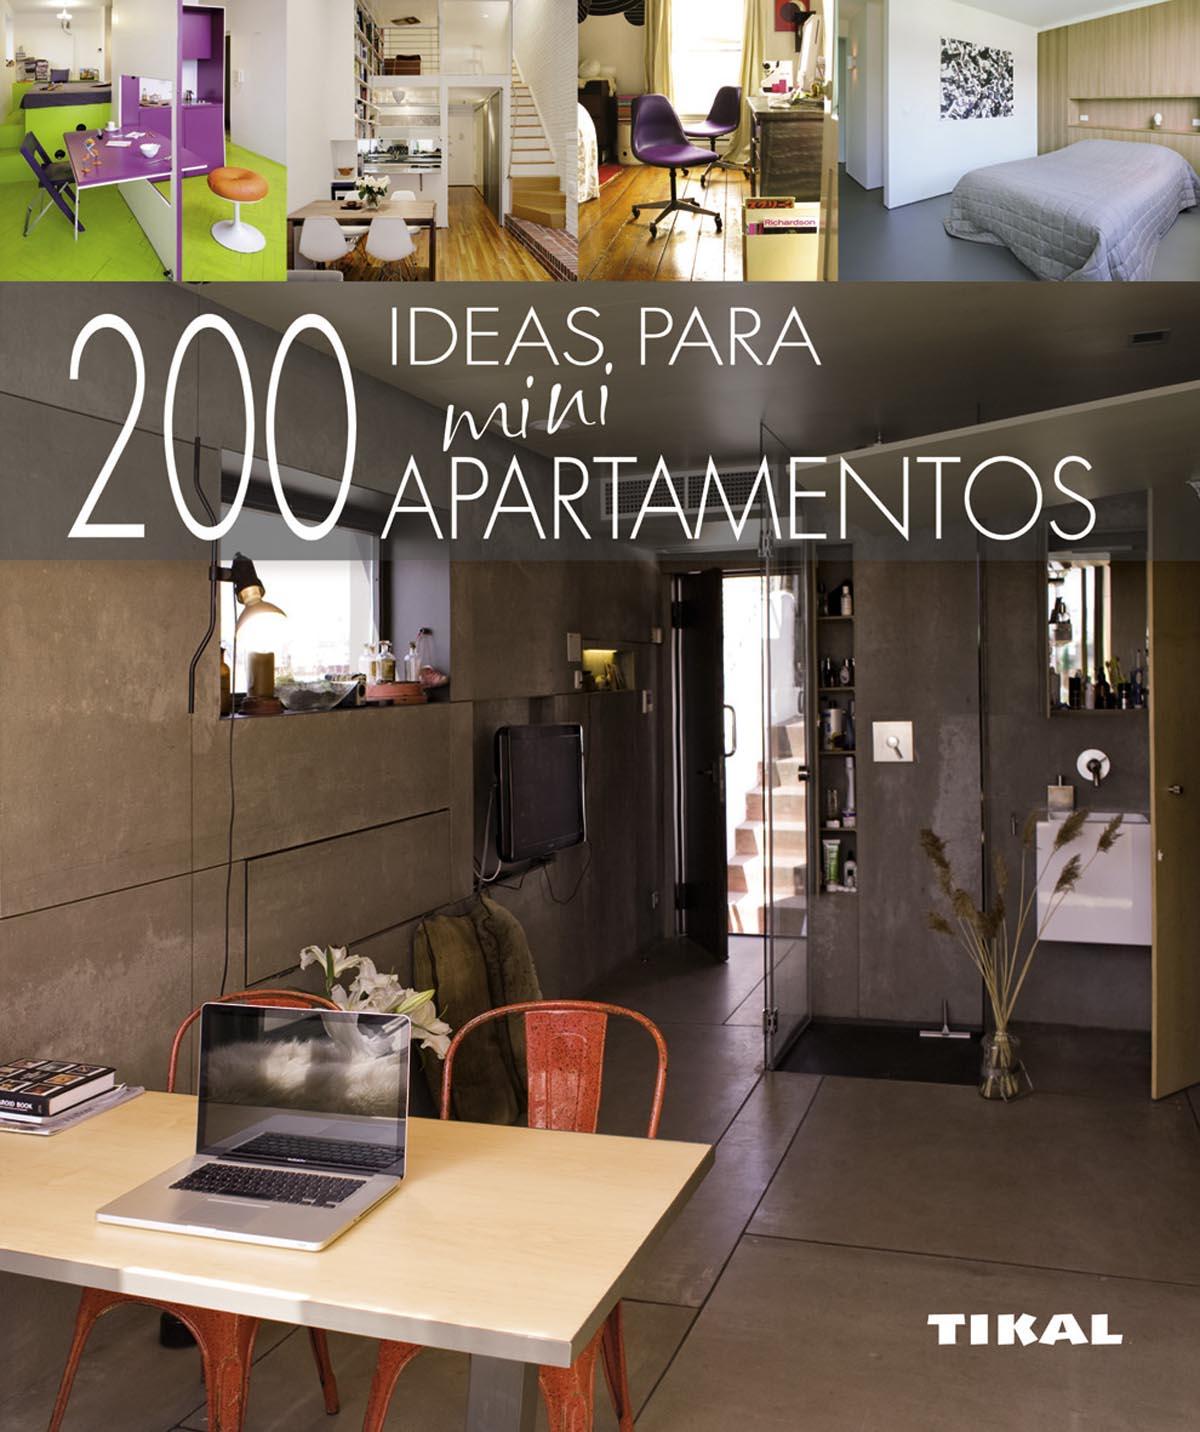 200 Ideas Para Miniapartamentos por Cristina Paredes Benitez